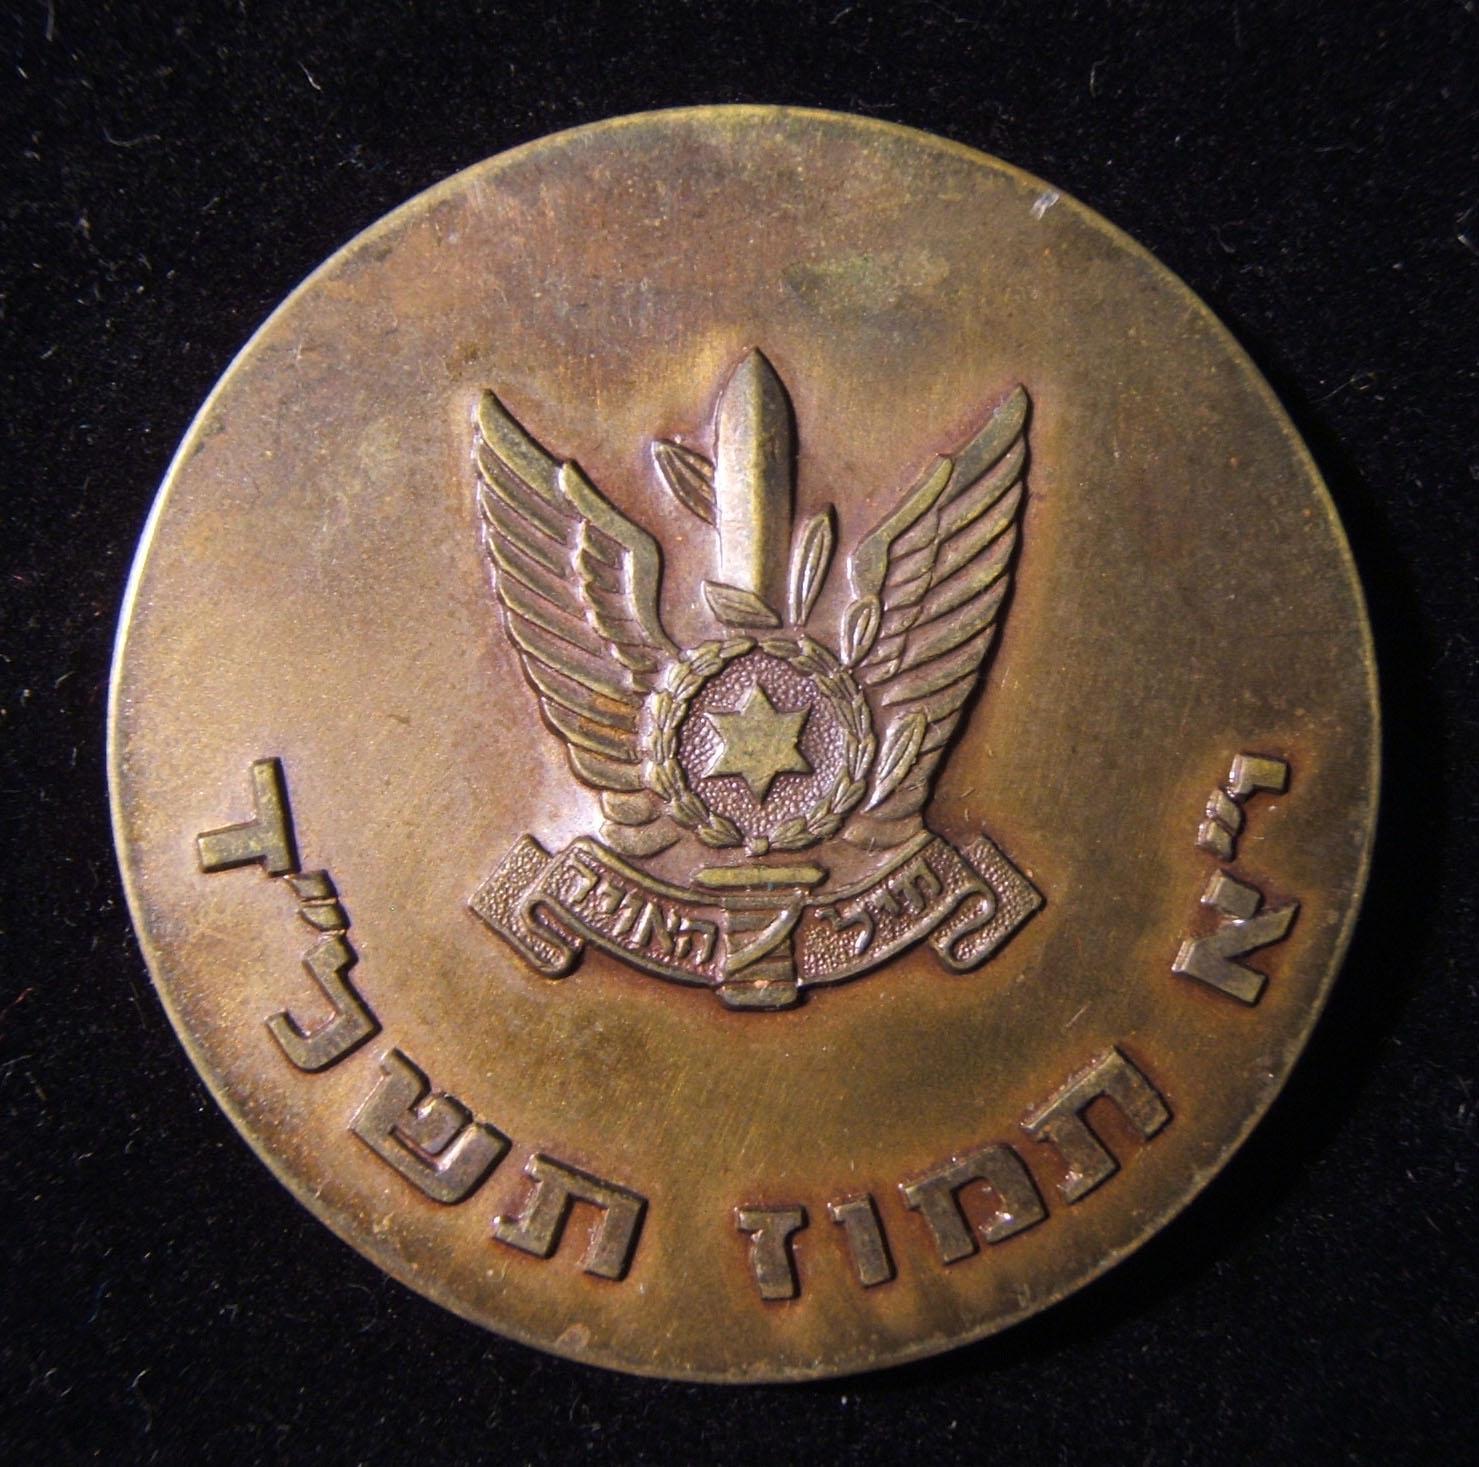 חיל האויר הישראלי חיל האוויר טייסת המעפילים